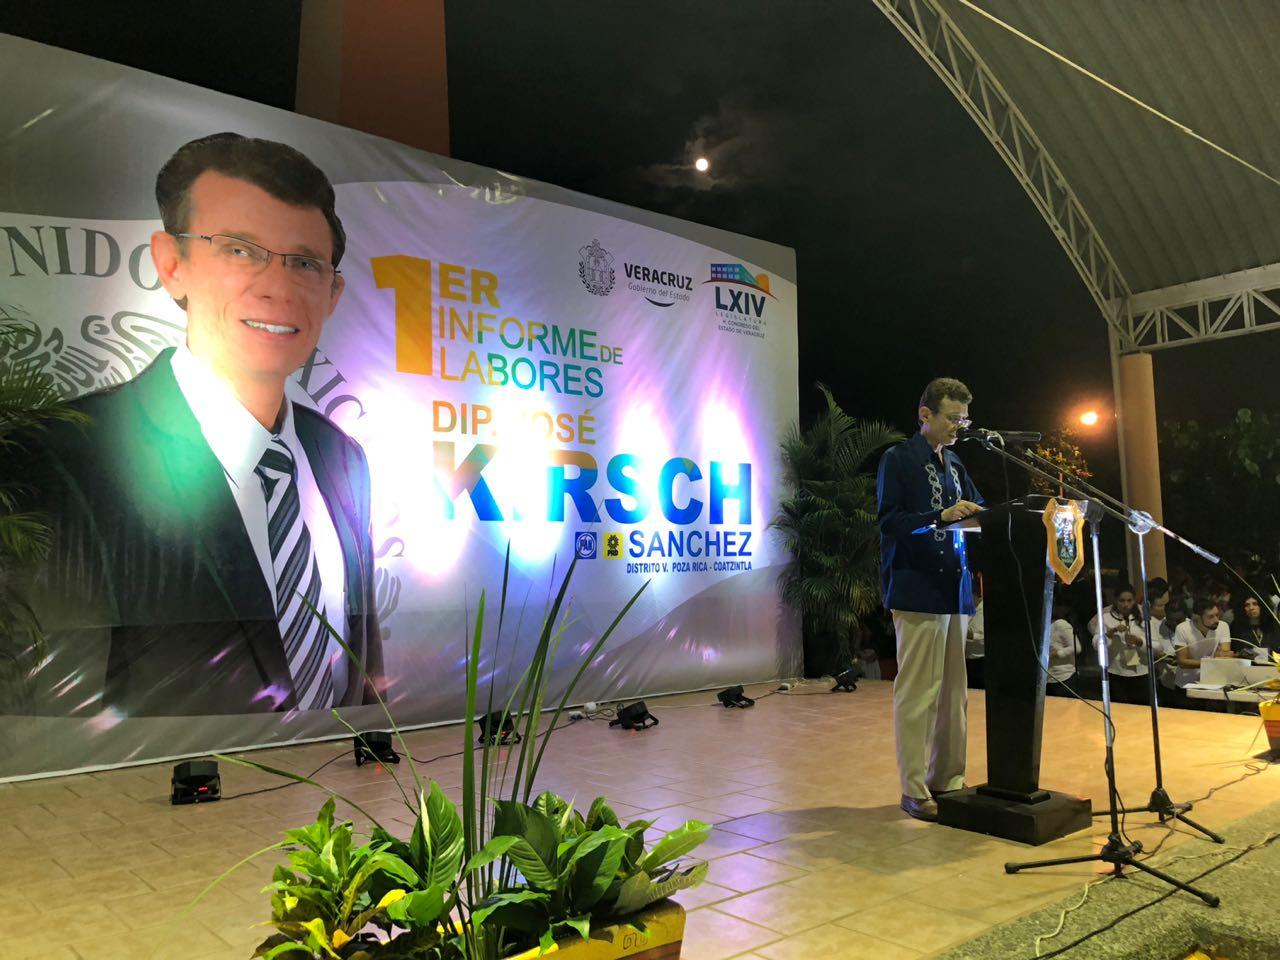 El Diputado José Kirsch Sánchez rindió su primer Informe de labores